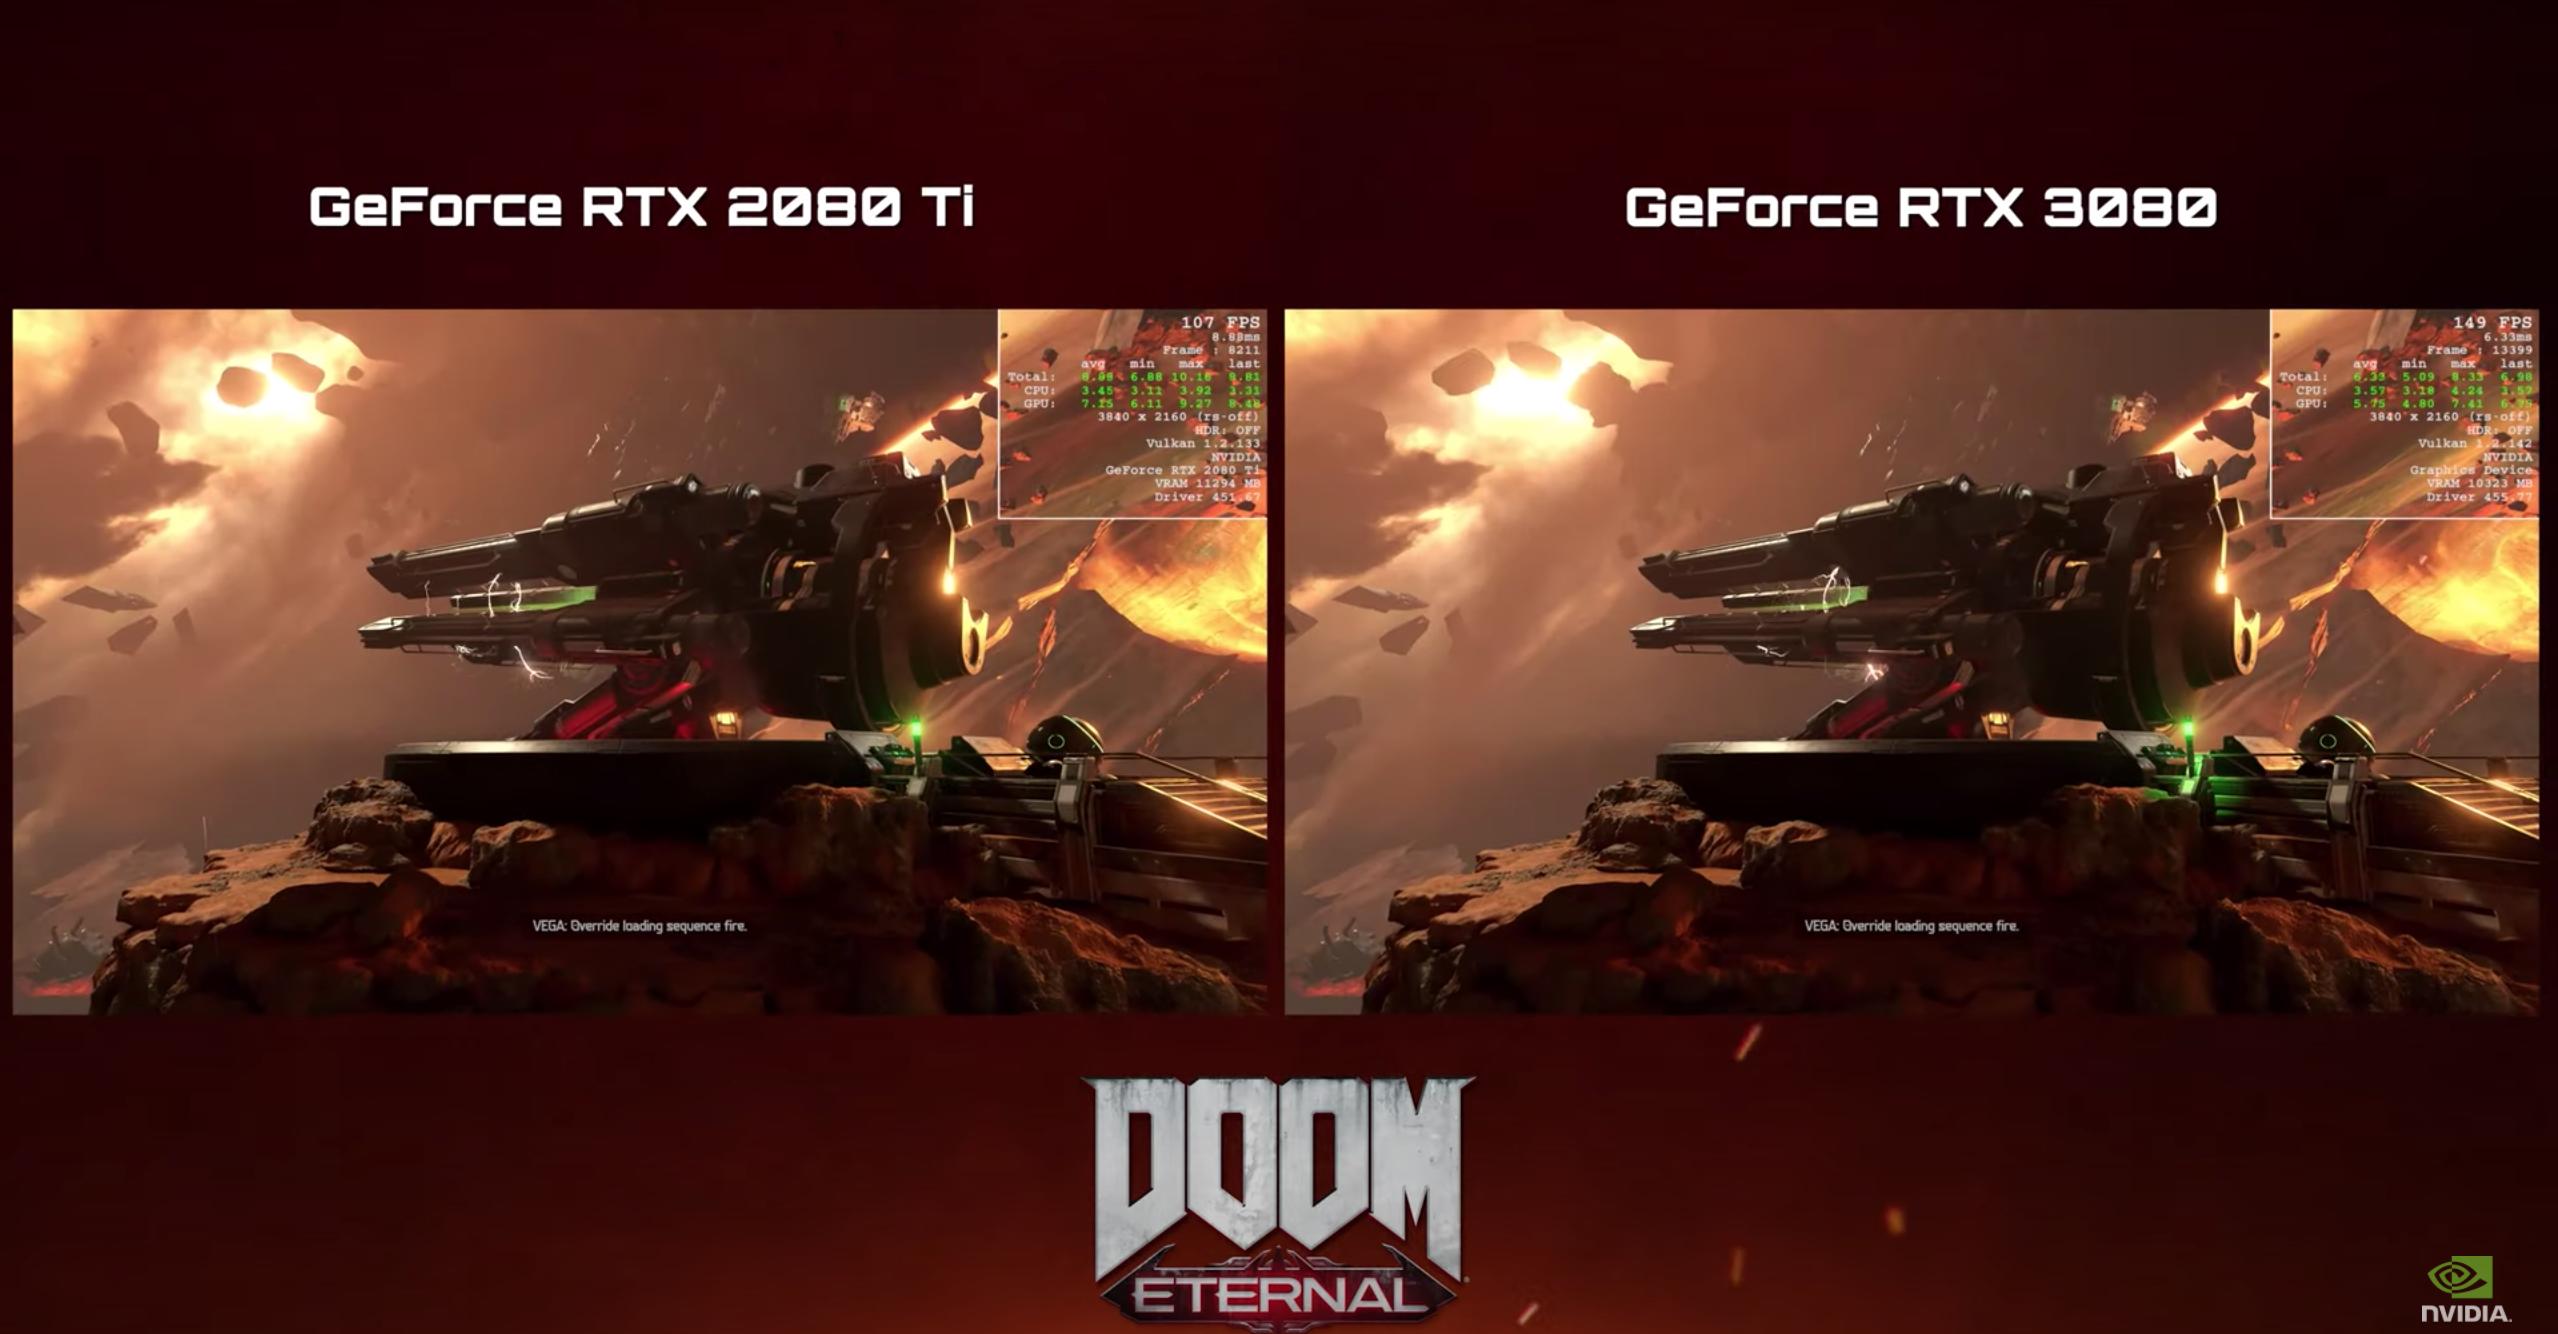 Xem RTX 3080 của Nvidia vượt trội hơn RTX 2080 Ti trong Doom Eternal 4K Gameplay